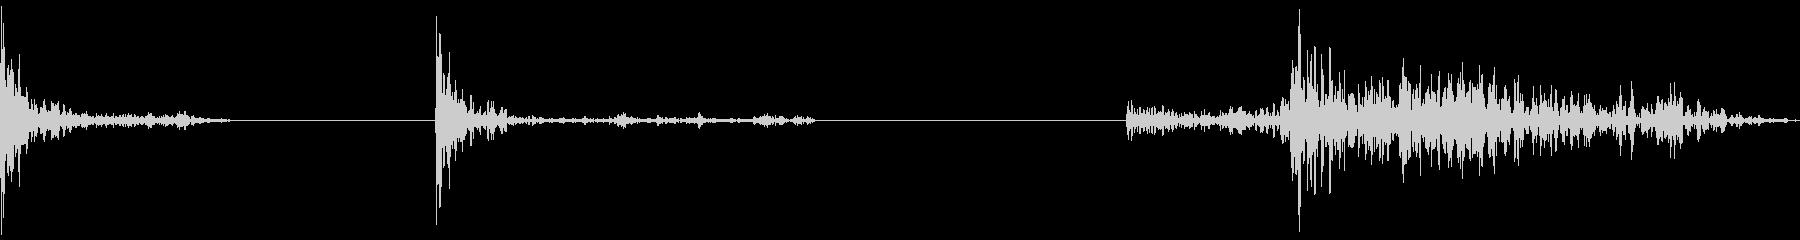 インパクト、ミュート、タイト、3バ...の未再生の波形